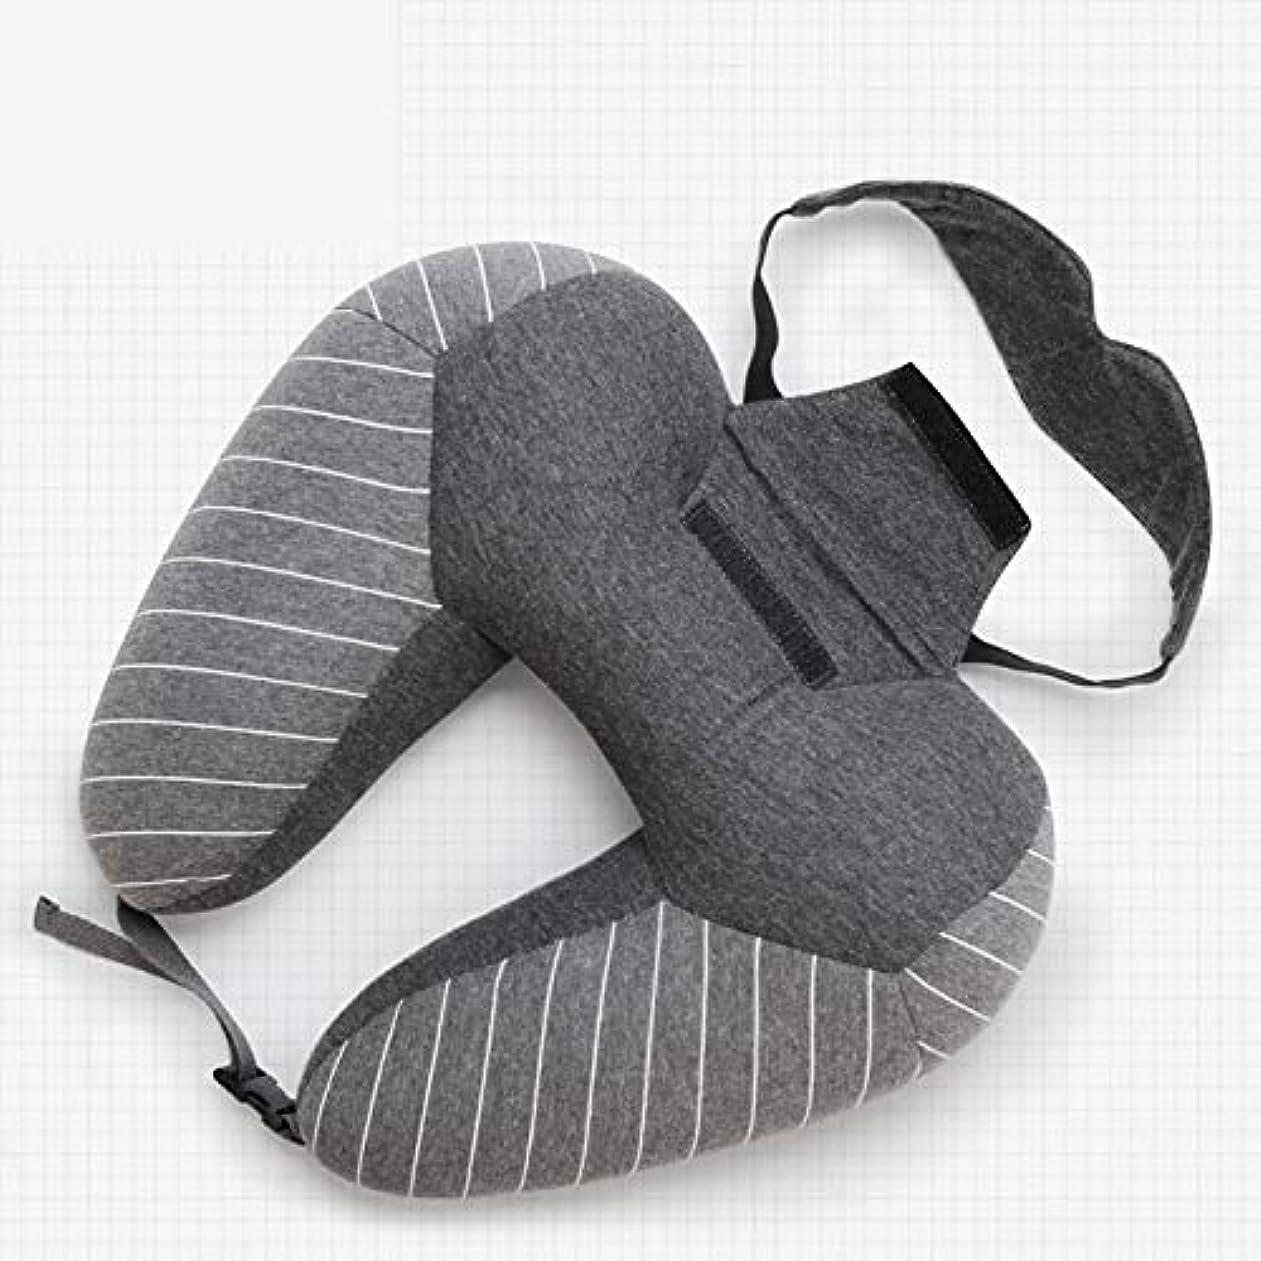 必要とする一貫したおなかがすいたNOTE アイマスク付き睡眠クッションのためのh形旅行アイピロー屋外多機能軽量ナップネックピロー車飛行機